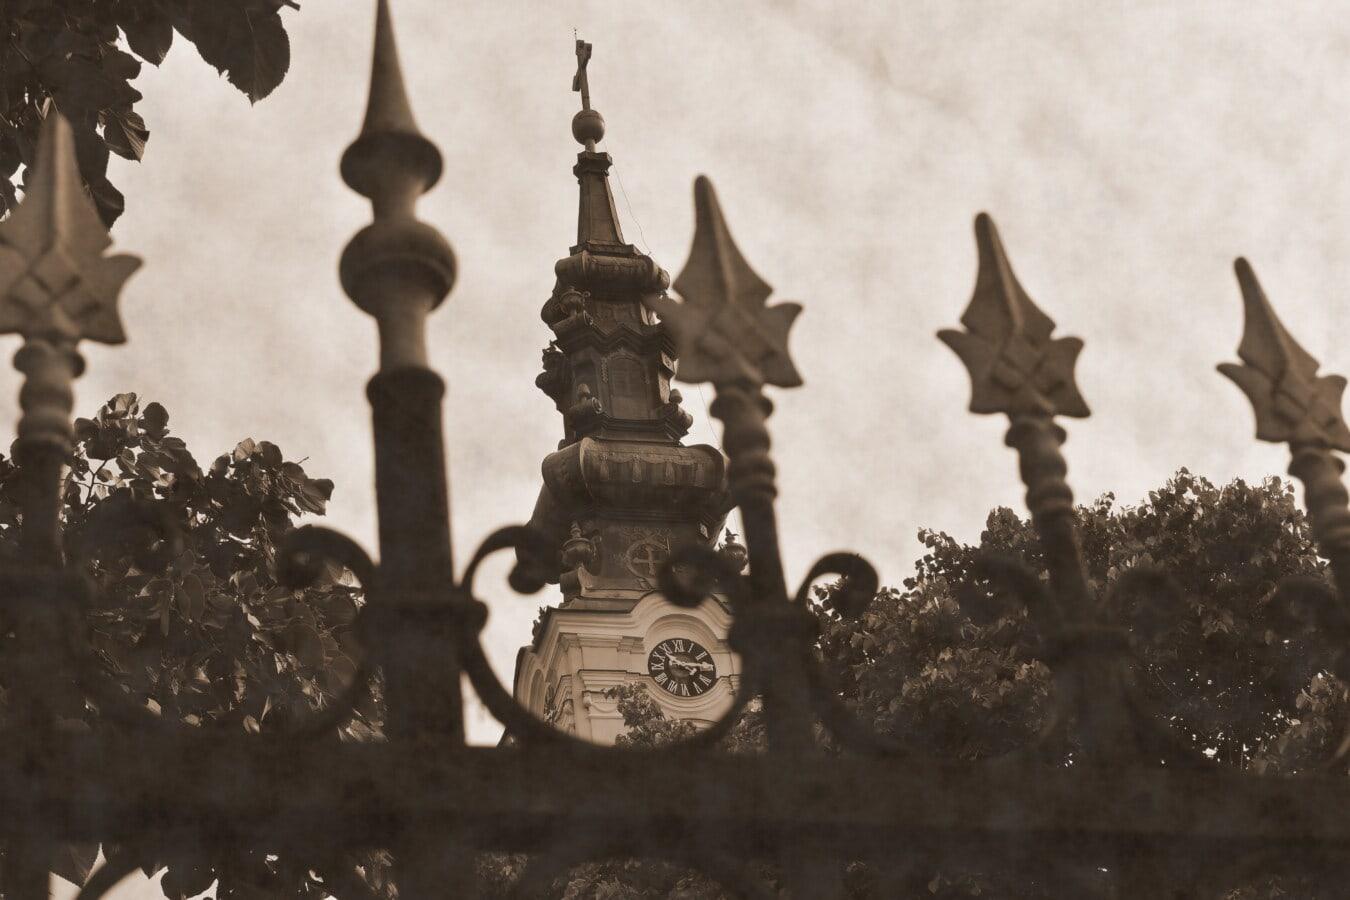 sepia, Turnul Bisericii, vechi, săgeată, vârfuri de săgeată, din fonta, gard, arhitectura, Moscheea, religie